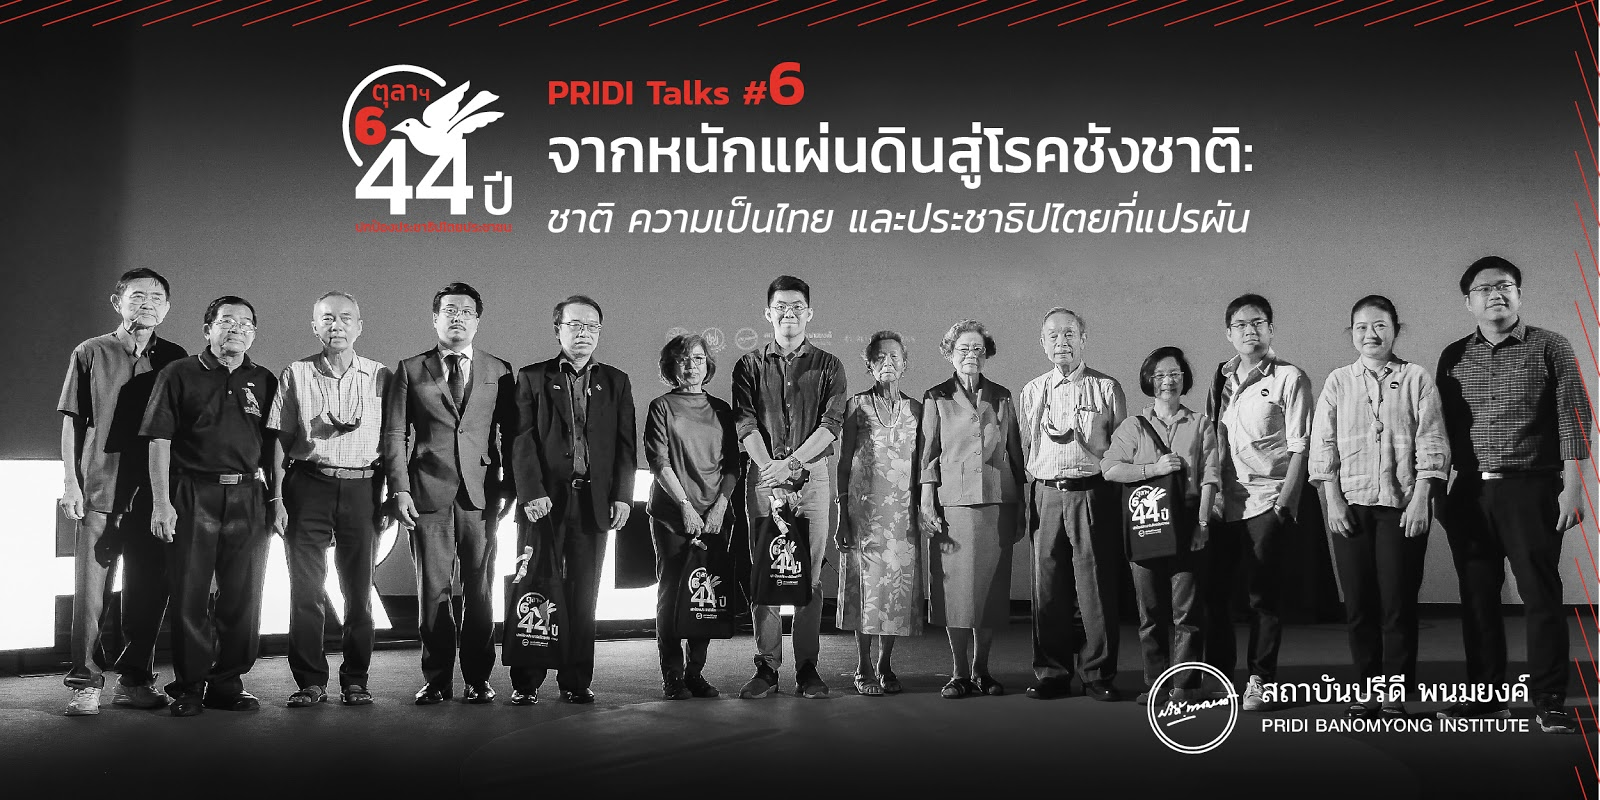 ถอดบทเรียน จาก #หนักแผ่นดิน สู่ #โรคชังชาติ ใน PRIDI Talks ครั้งที่ 6